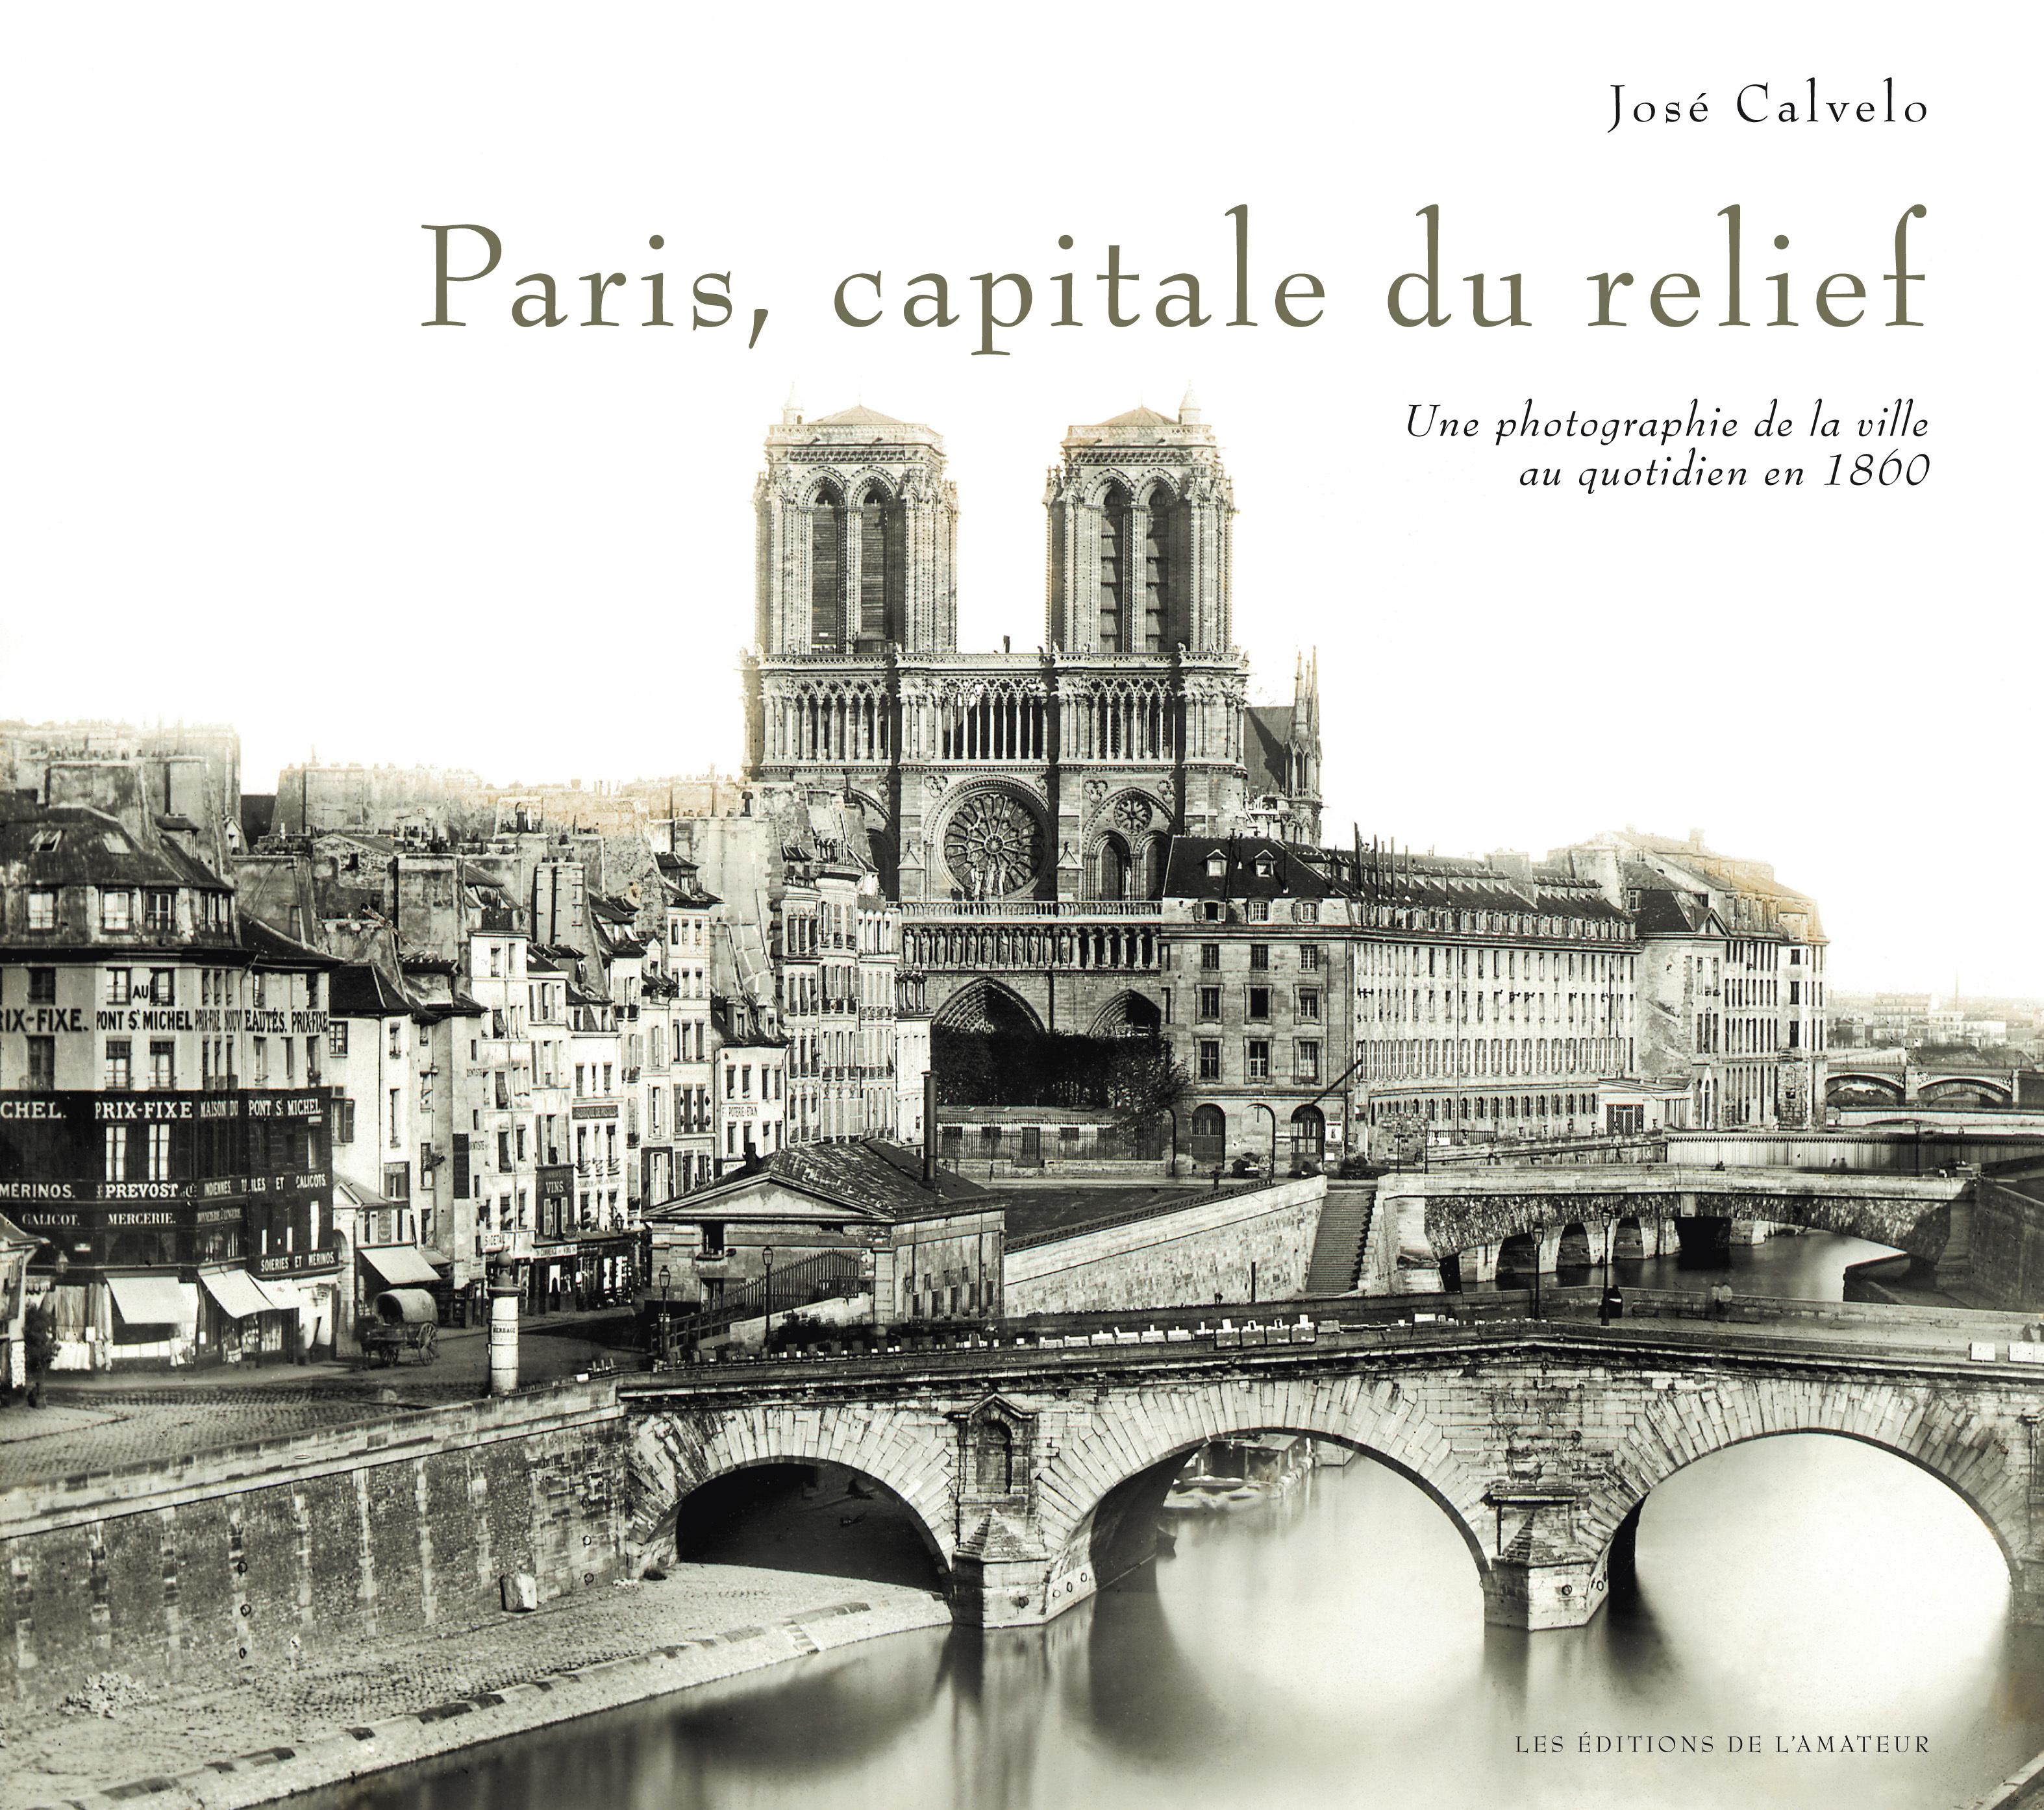 PARIS, CAPITALE DU RELIEF UNE PHOTOGRAPHIE DE LA VILLE AU QUOTIDIEN EN 1860